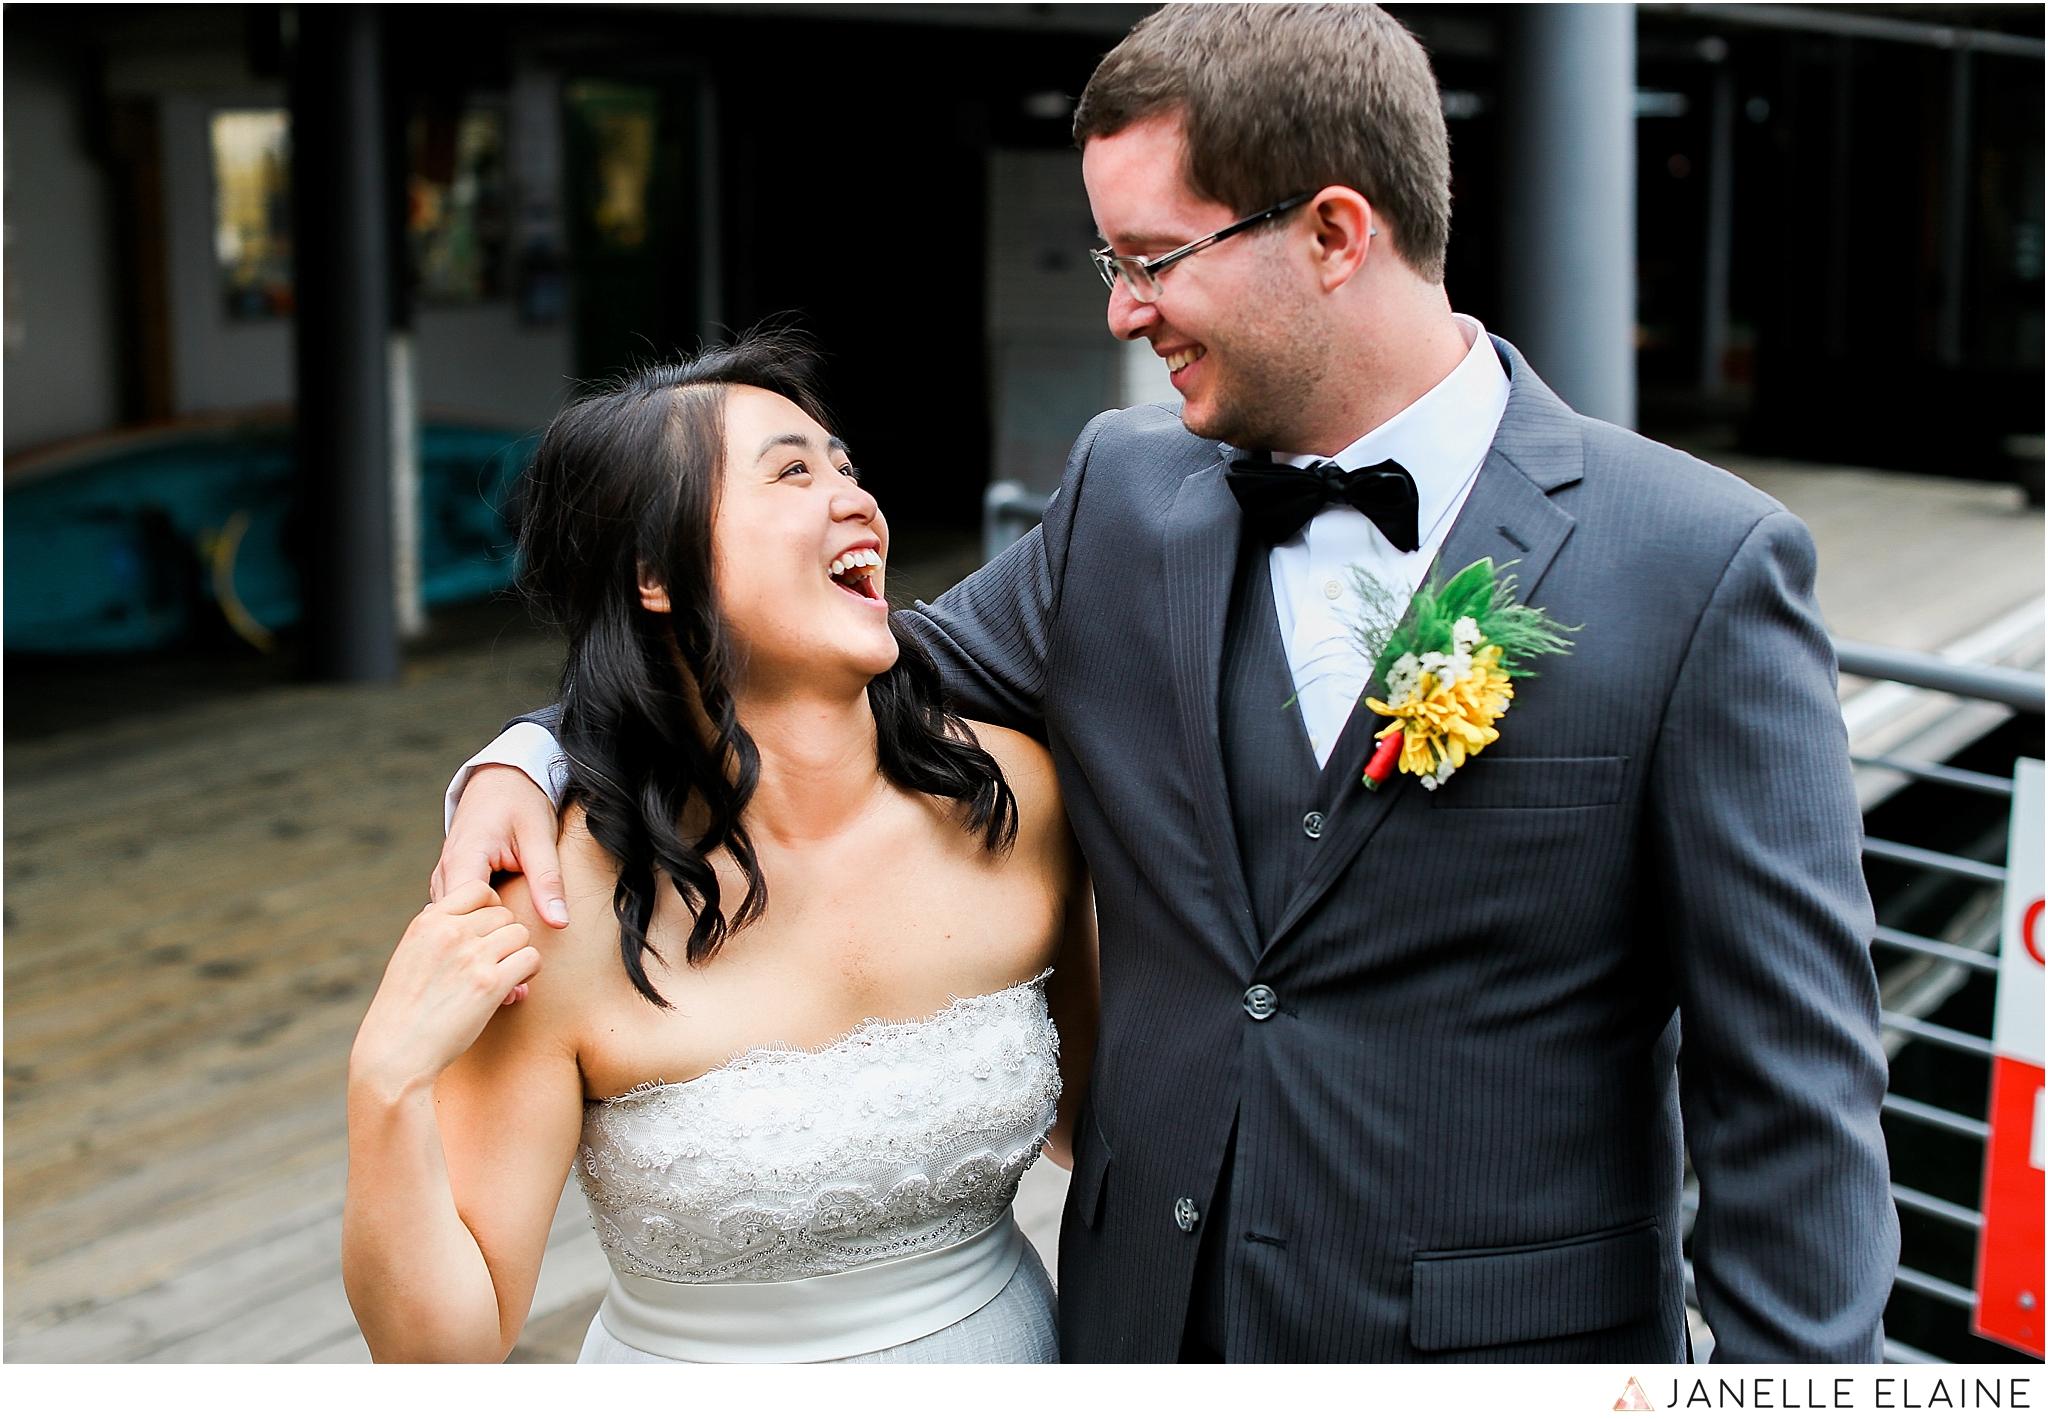 janelle elaine photography-professional wedding photographer seattle--89.jpg